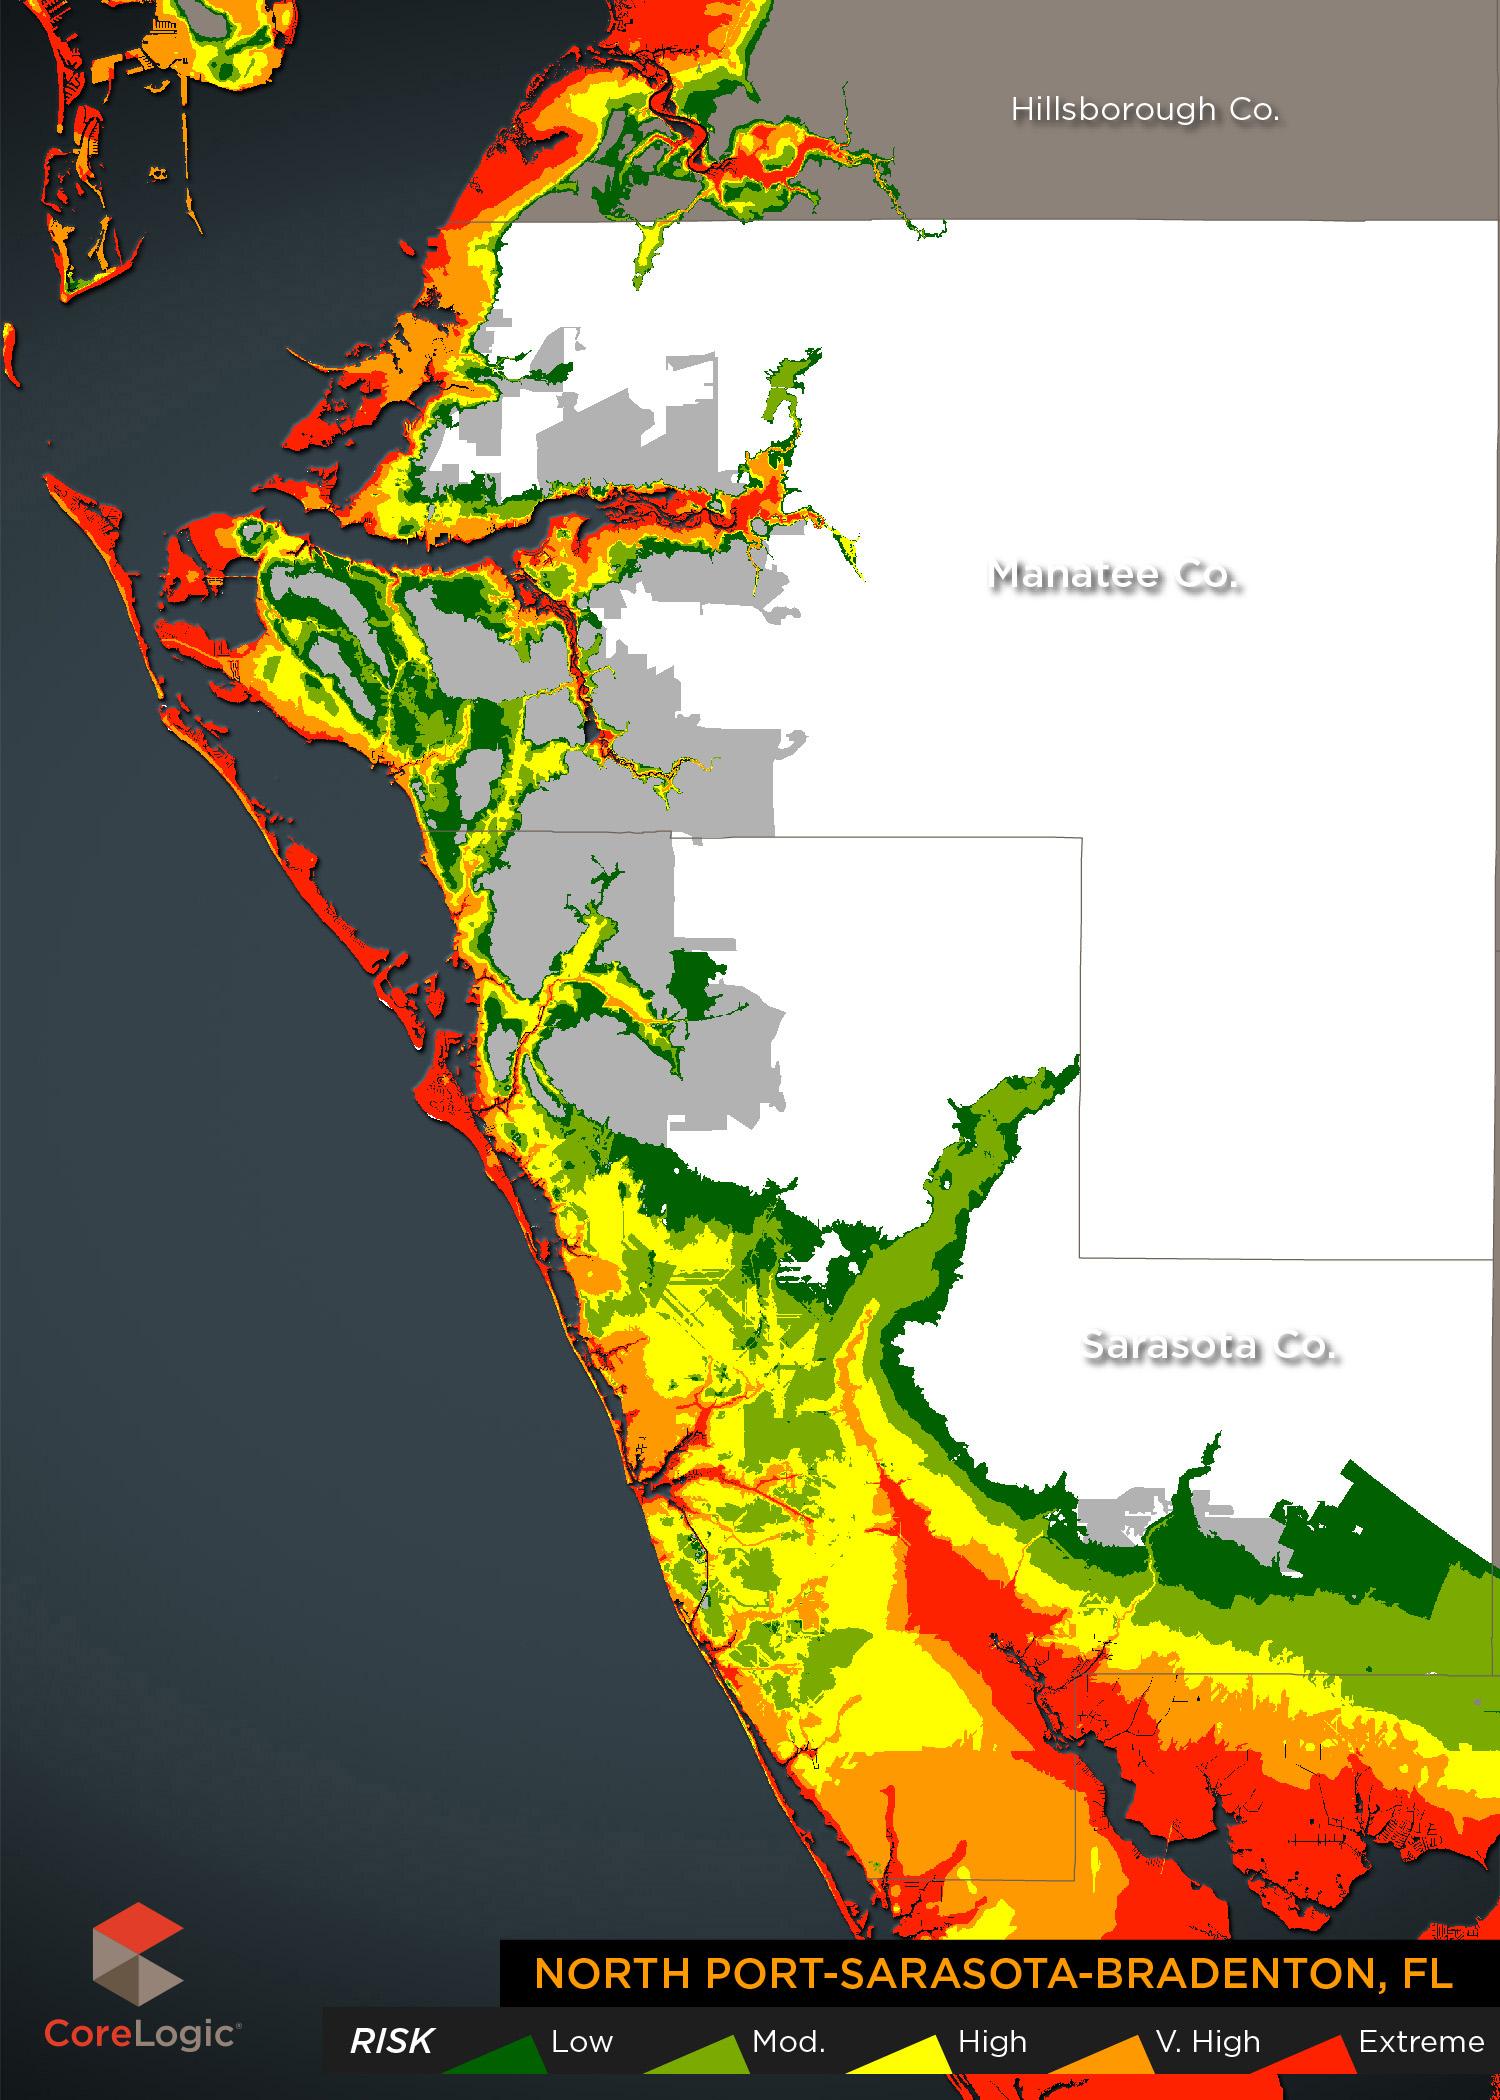 Storm Surge Map Naples Fl : storm, surge, naples, Storm, Surge, Naples, Maping, Resources